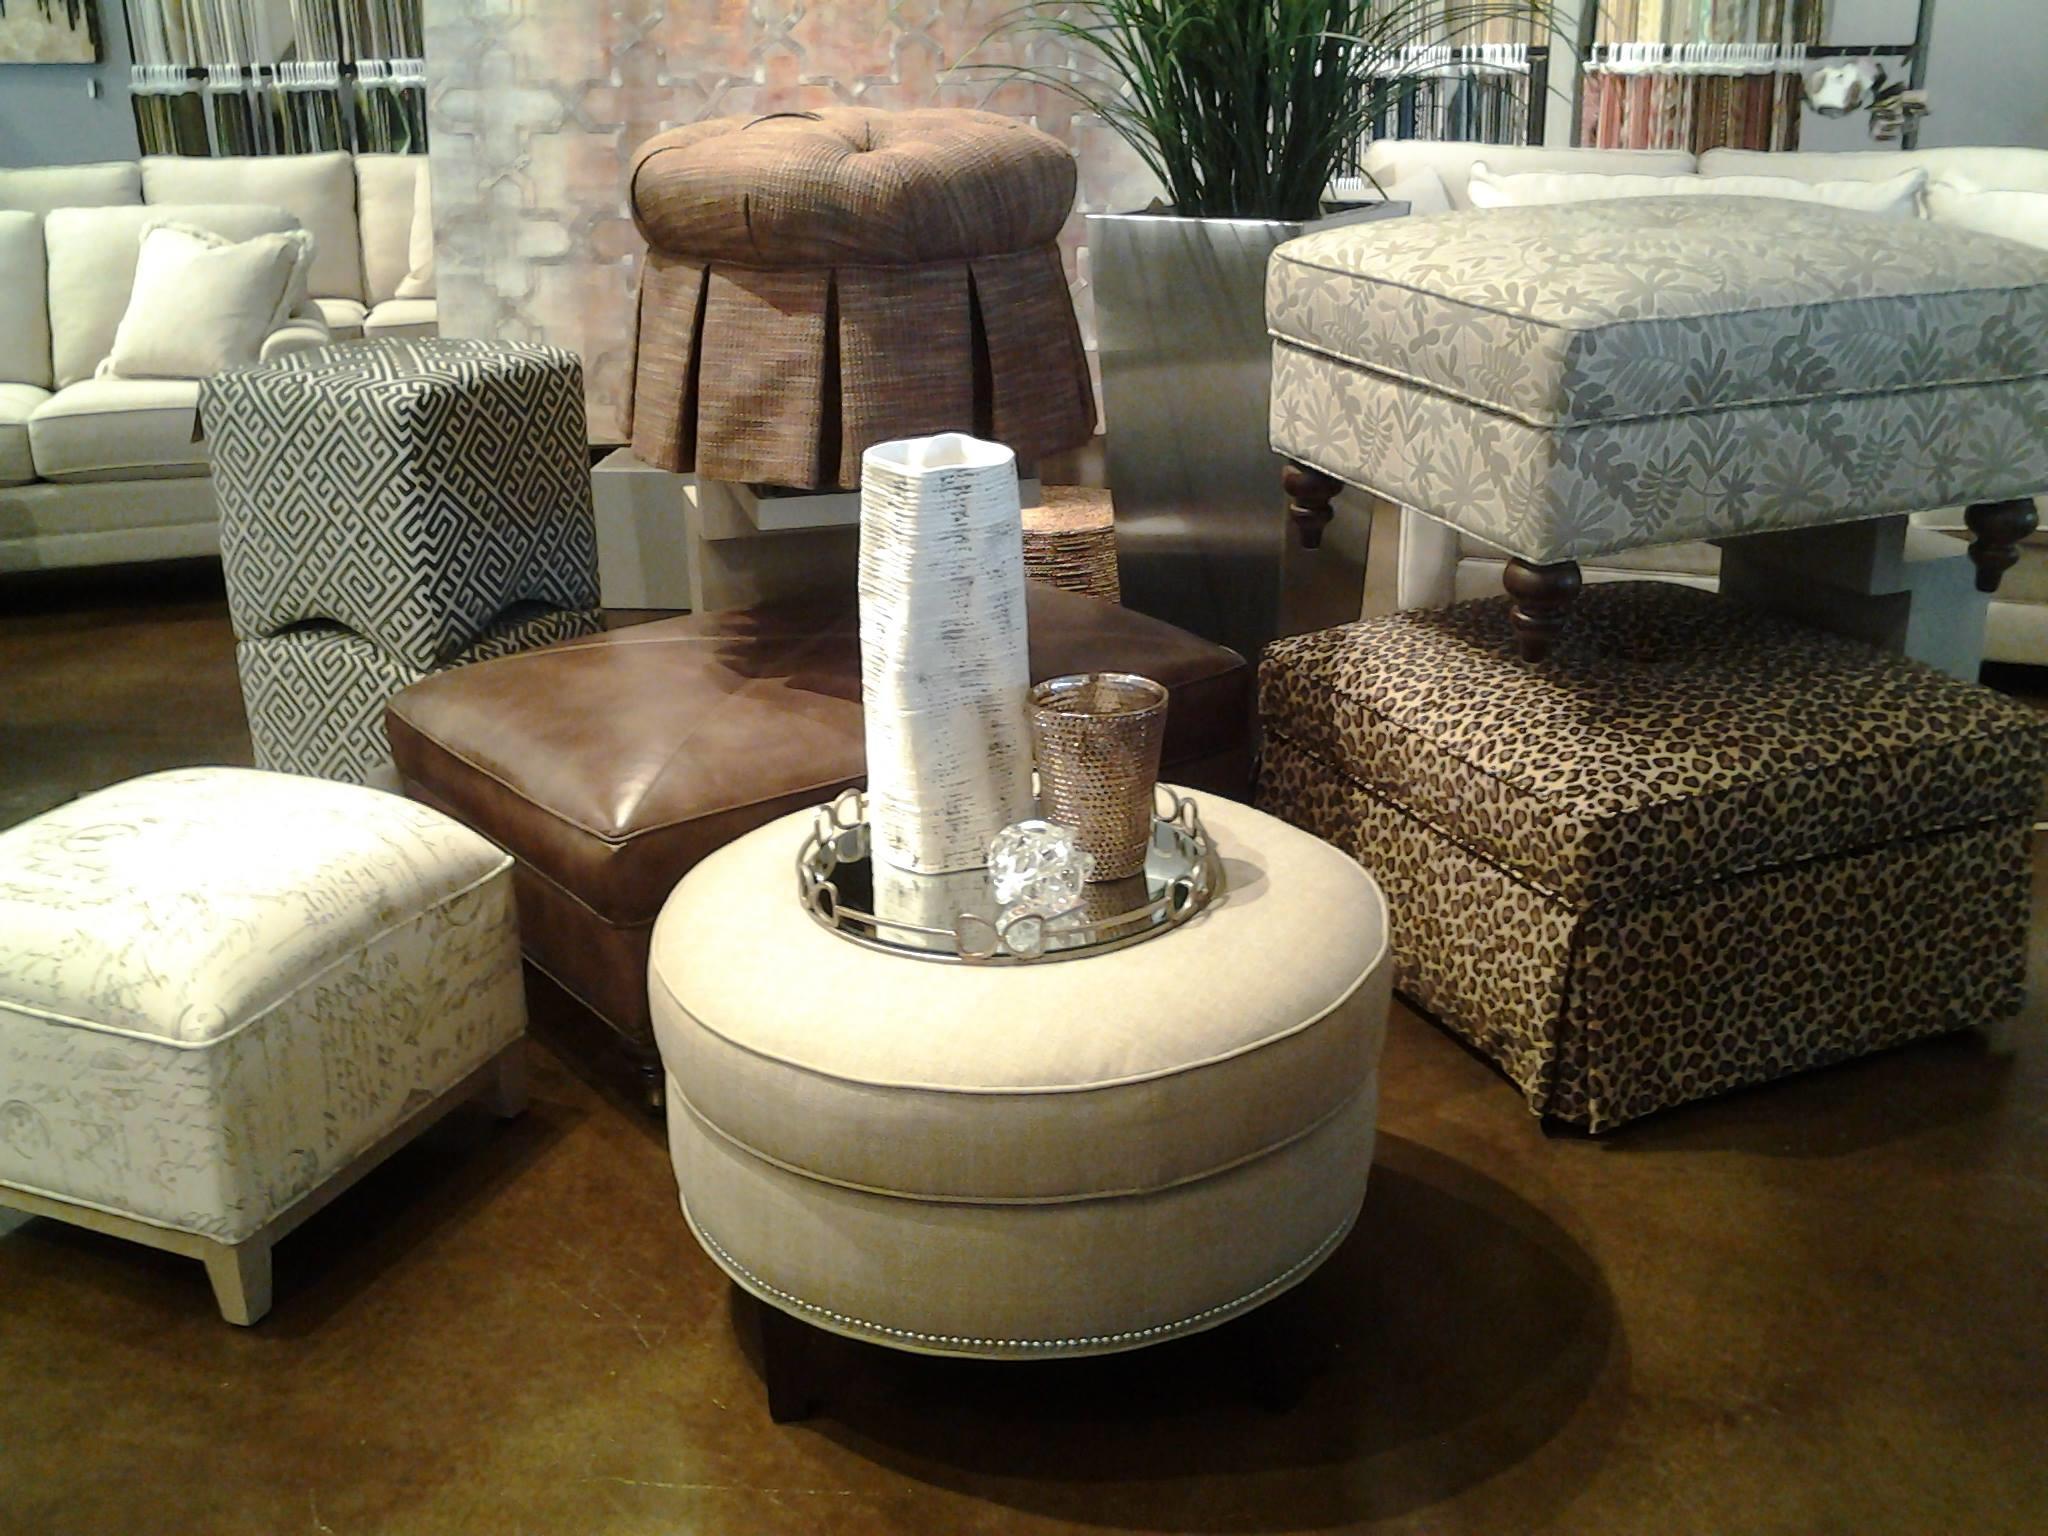 Crowley Furniture in Liberty, MO - 816-781-8002